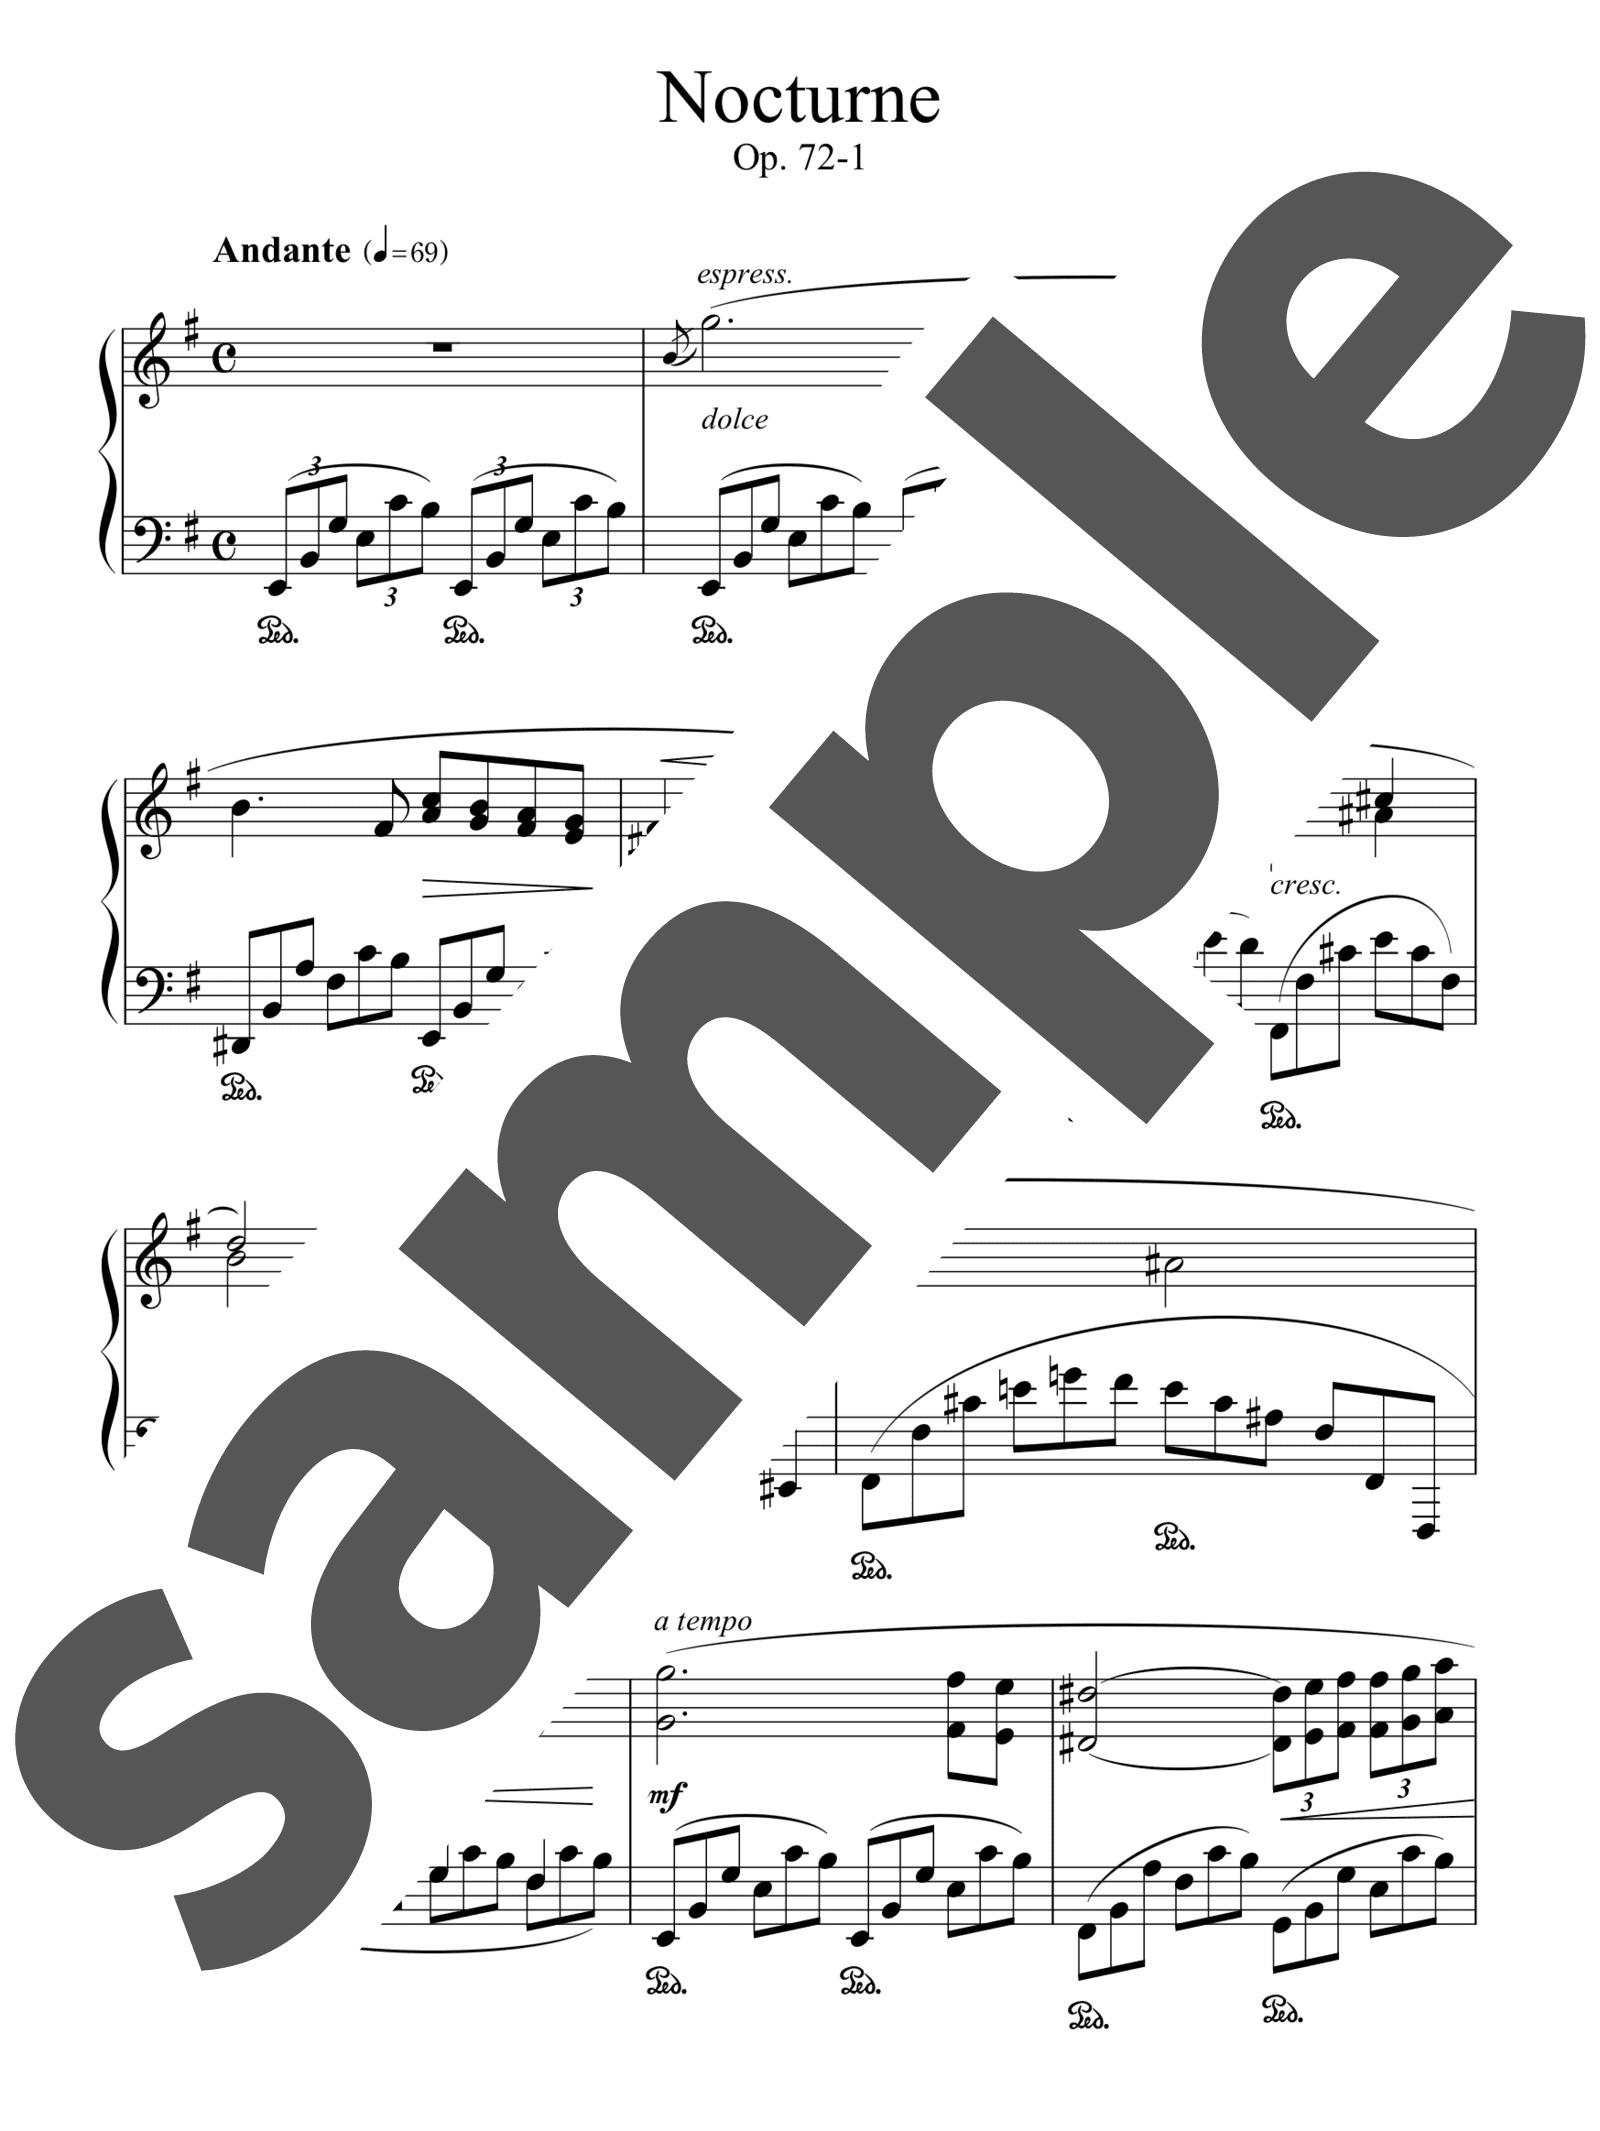 「ノクターン第19番op.72-1」のサンプル楽譜